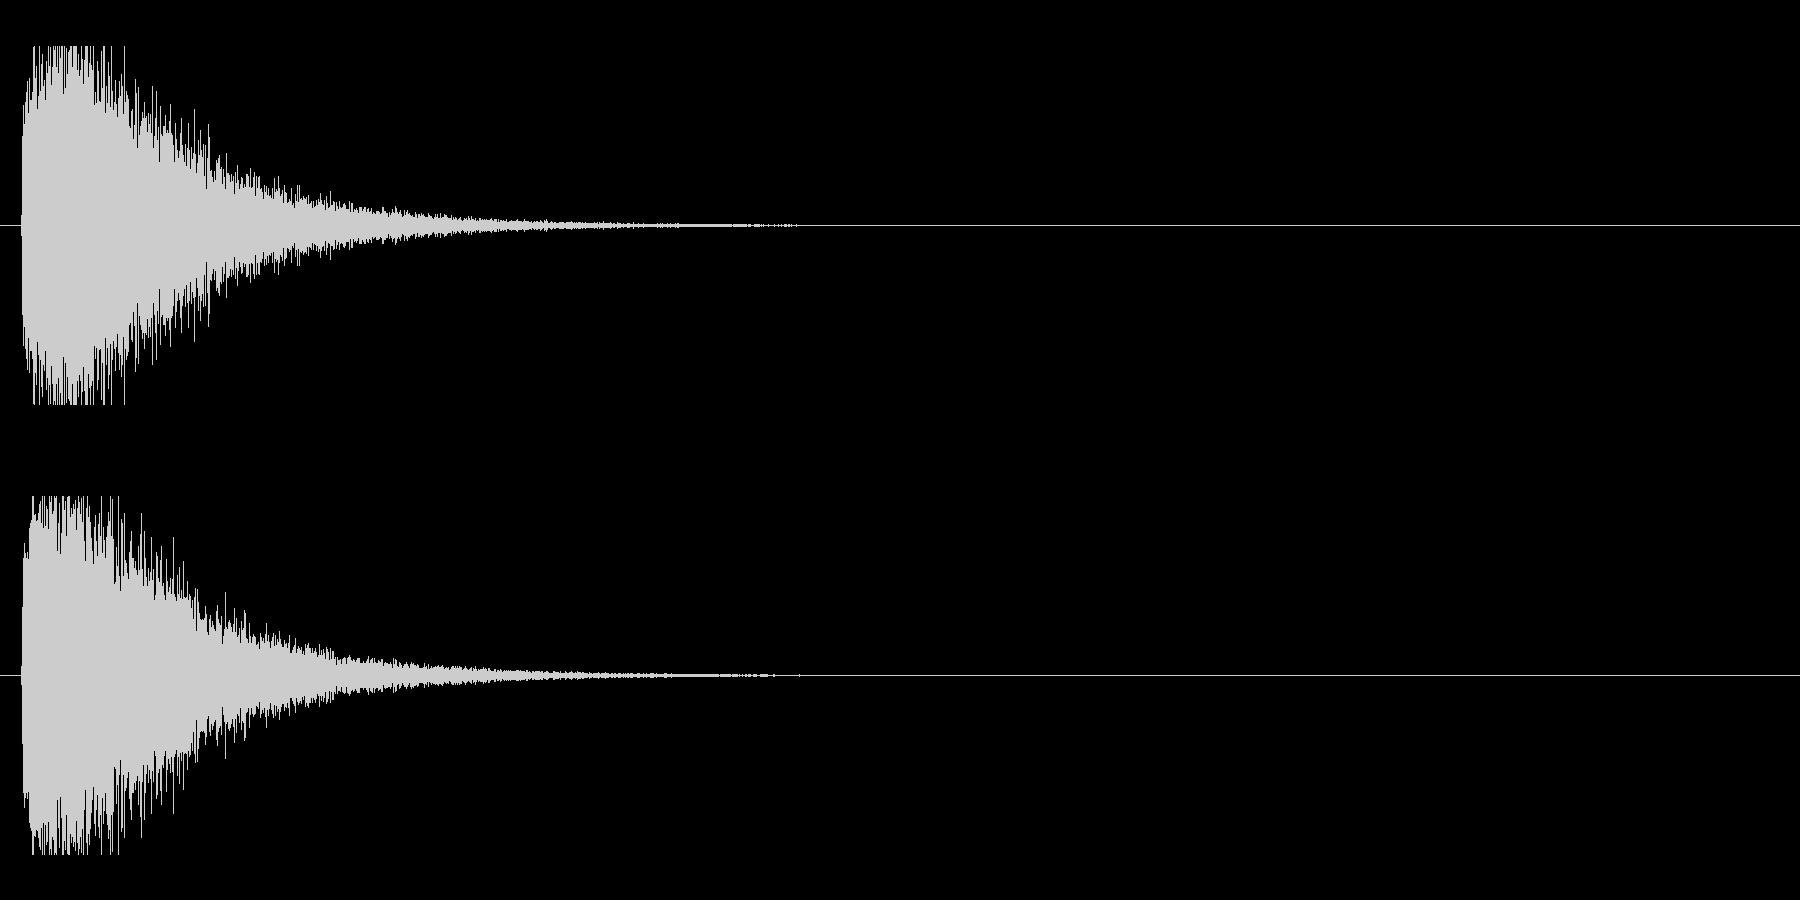 レーザー音-93-1の未再生の波形